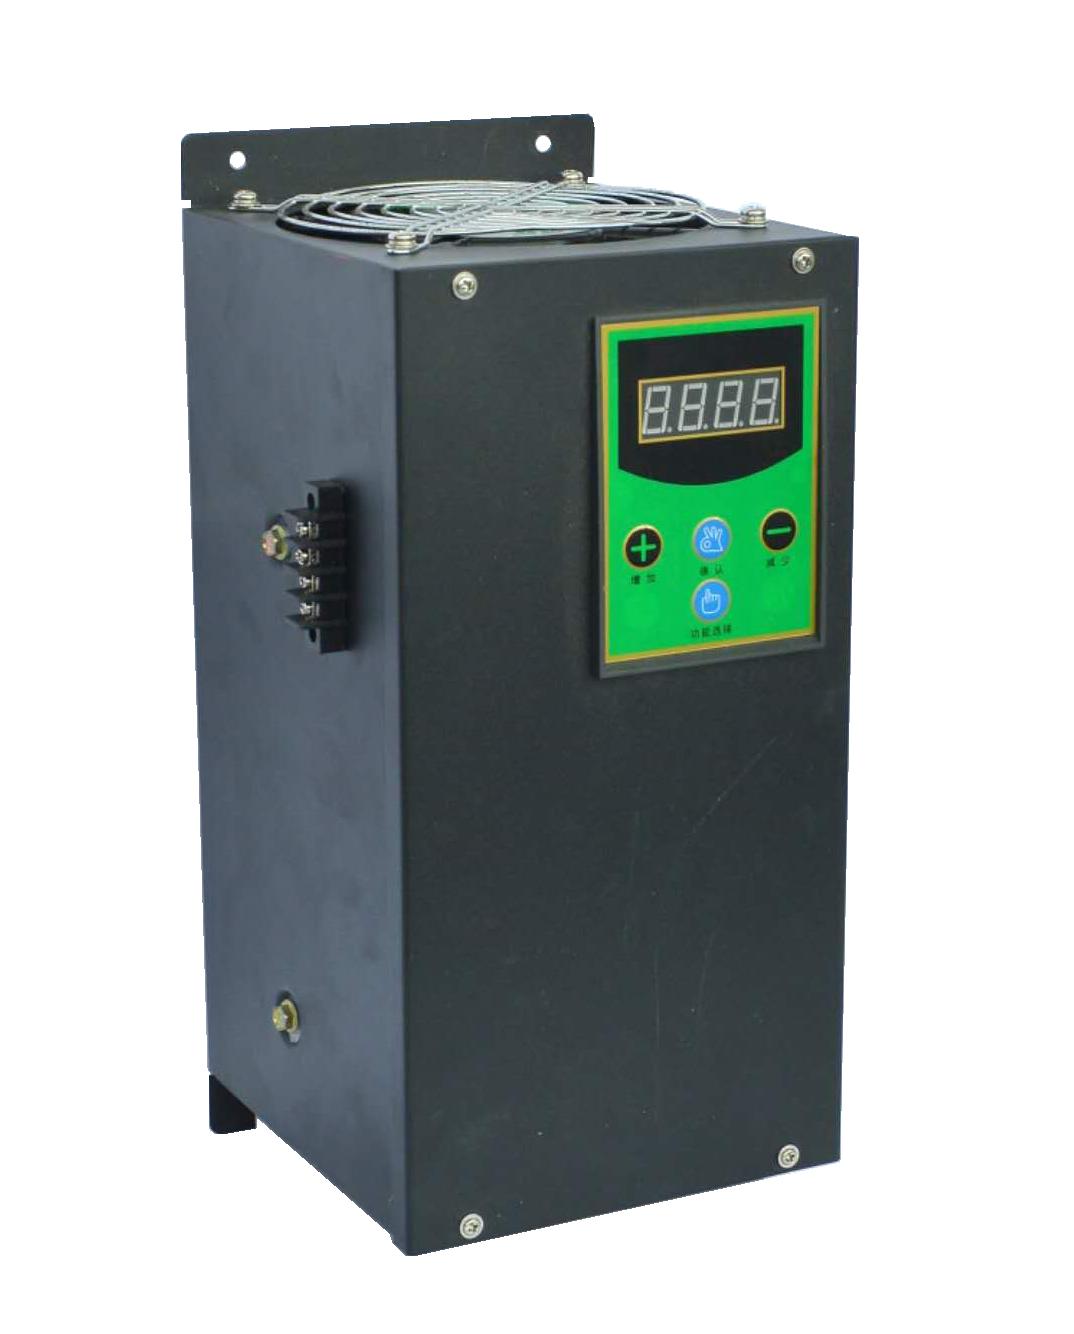 电磁采暖炉,电磁蒸汽锅炉,导热油电磁加热器